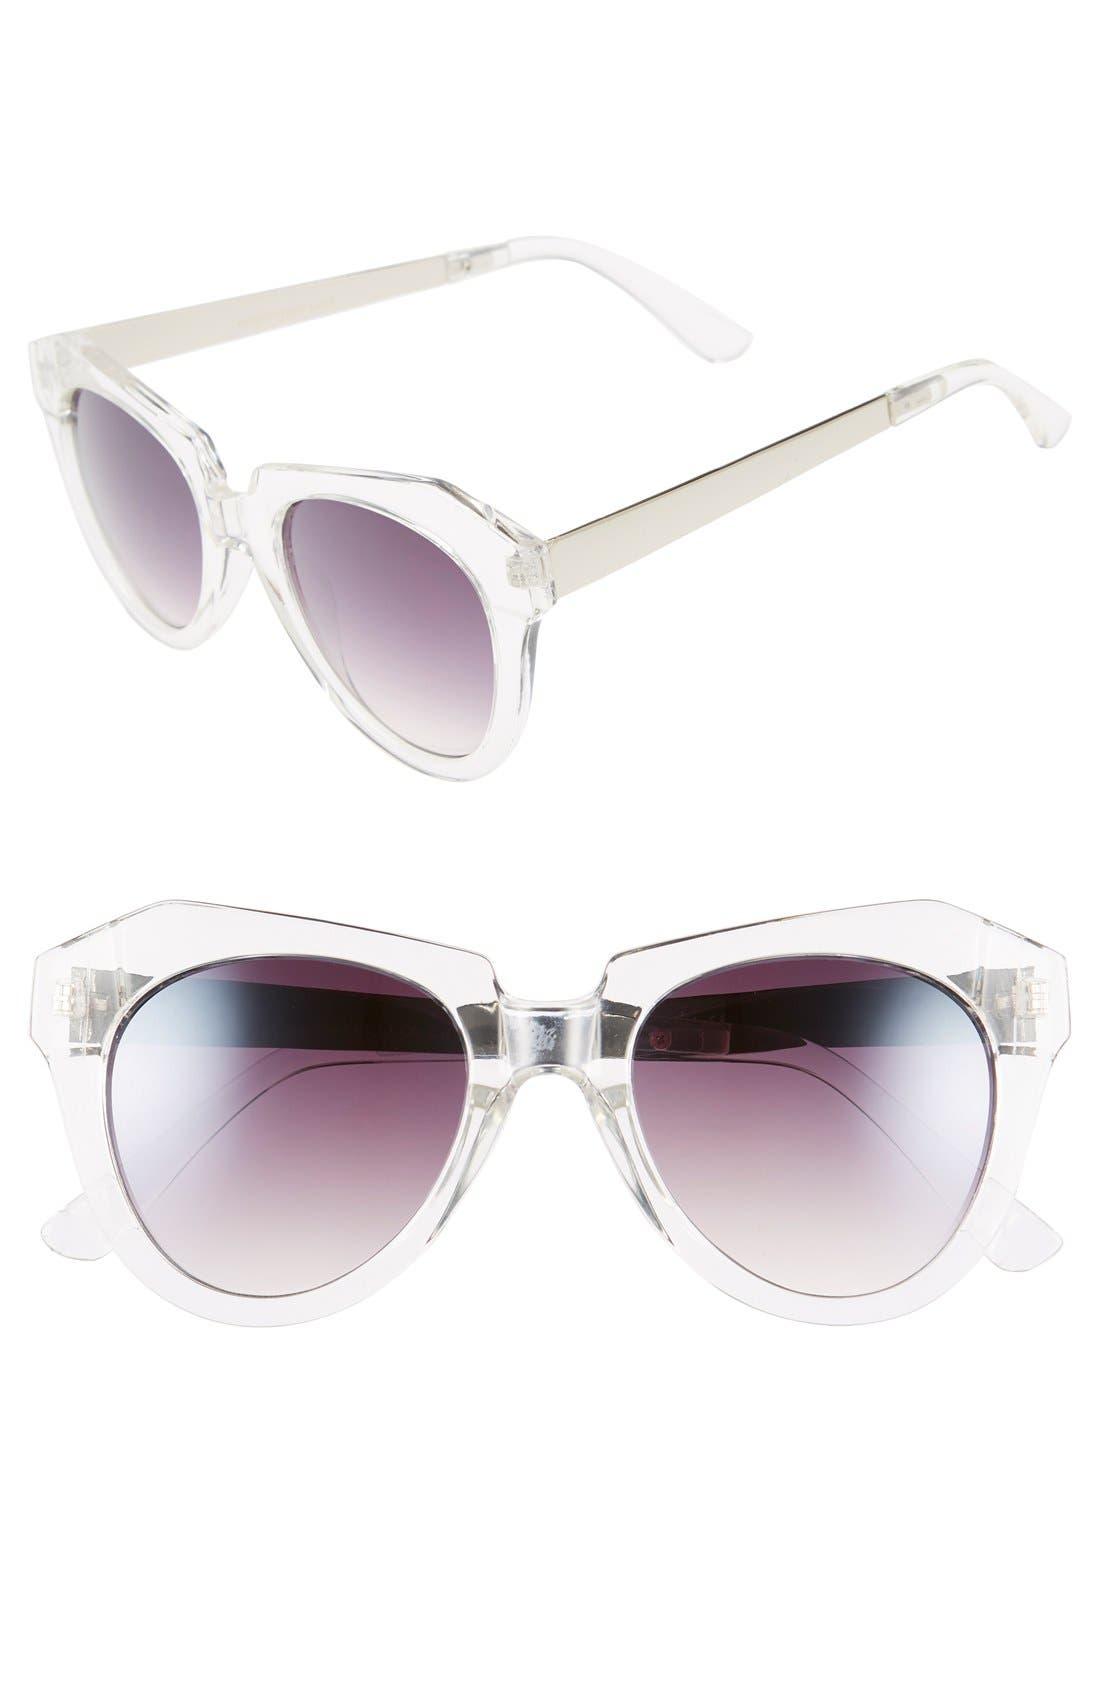 Main Image - BP. 51mm Geo Sunglasses